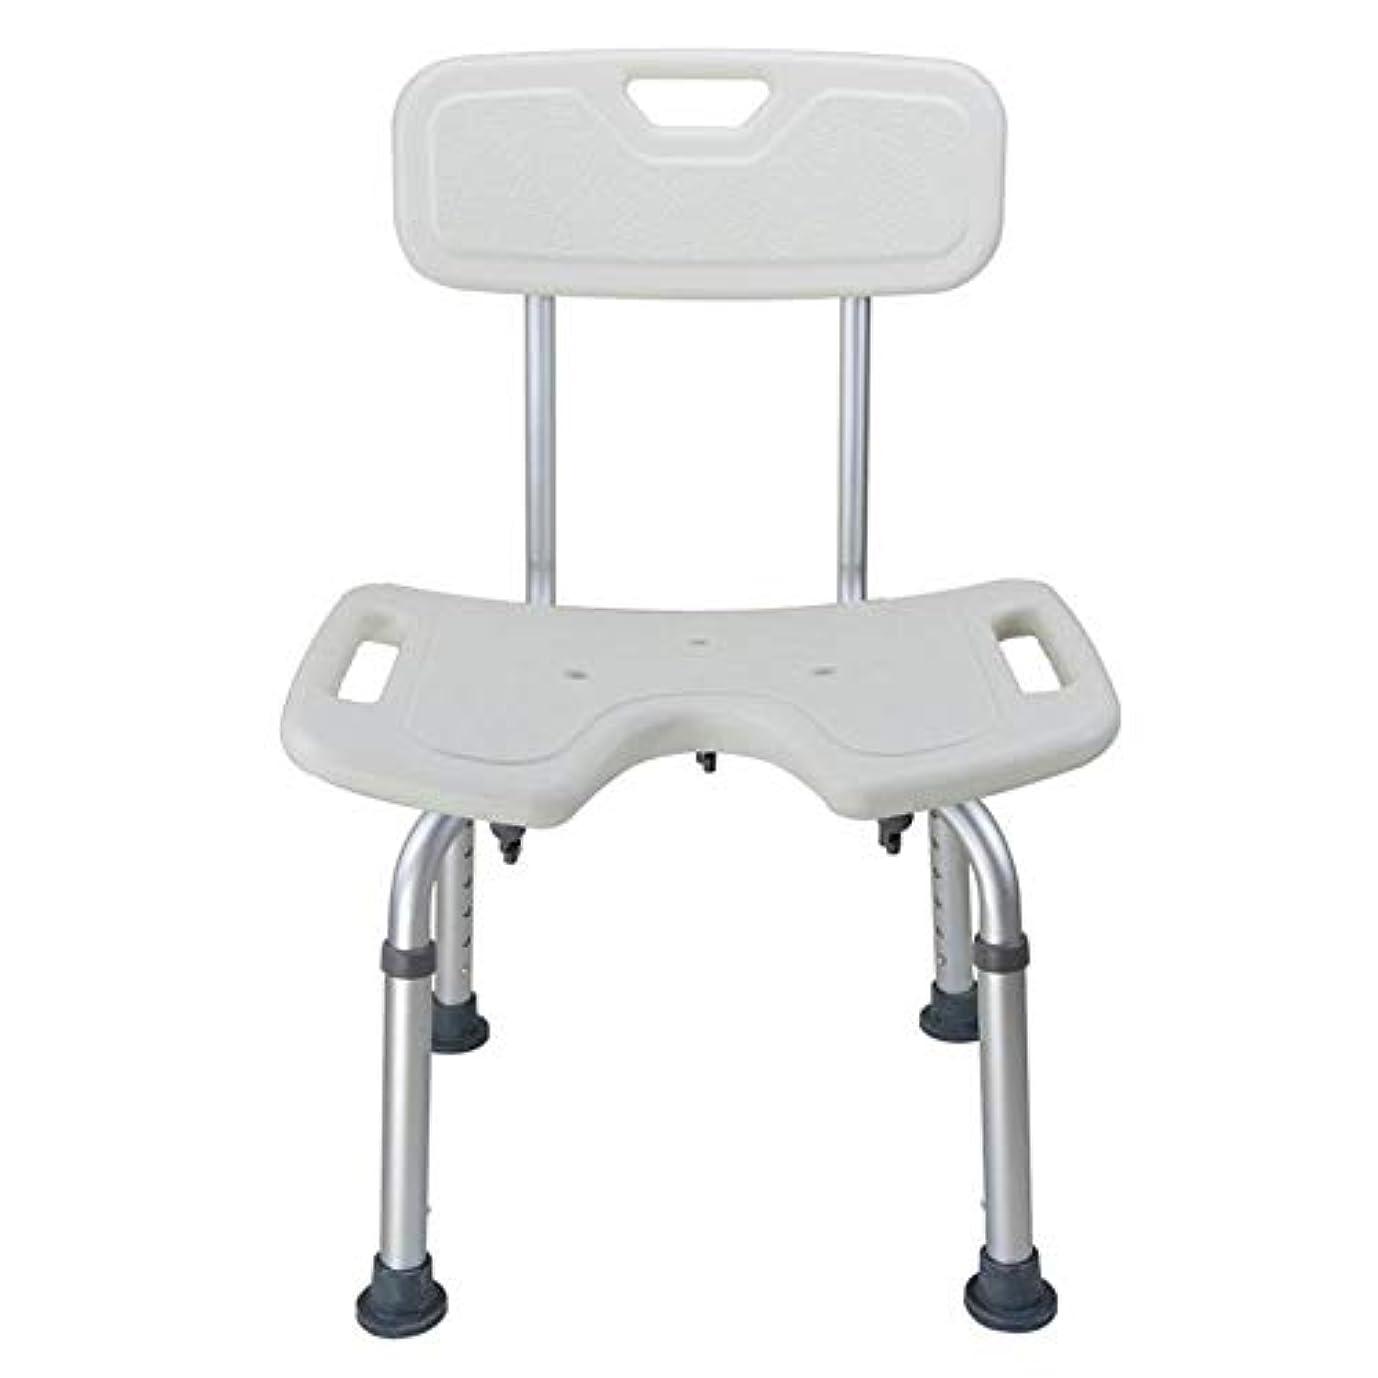 余裕がある音抗生物質背部と調節可能な折るシャワーチェアの高さ